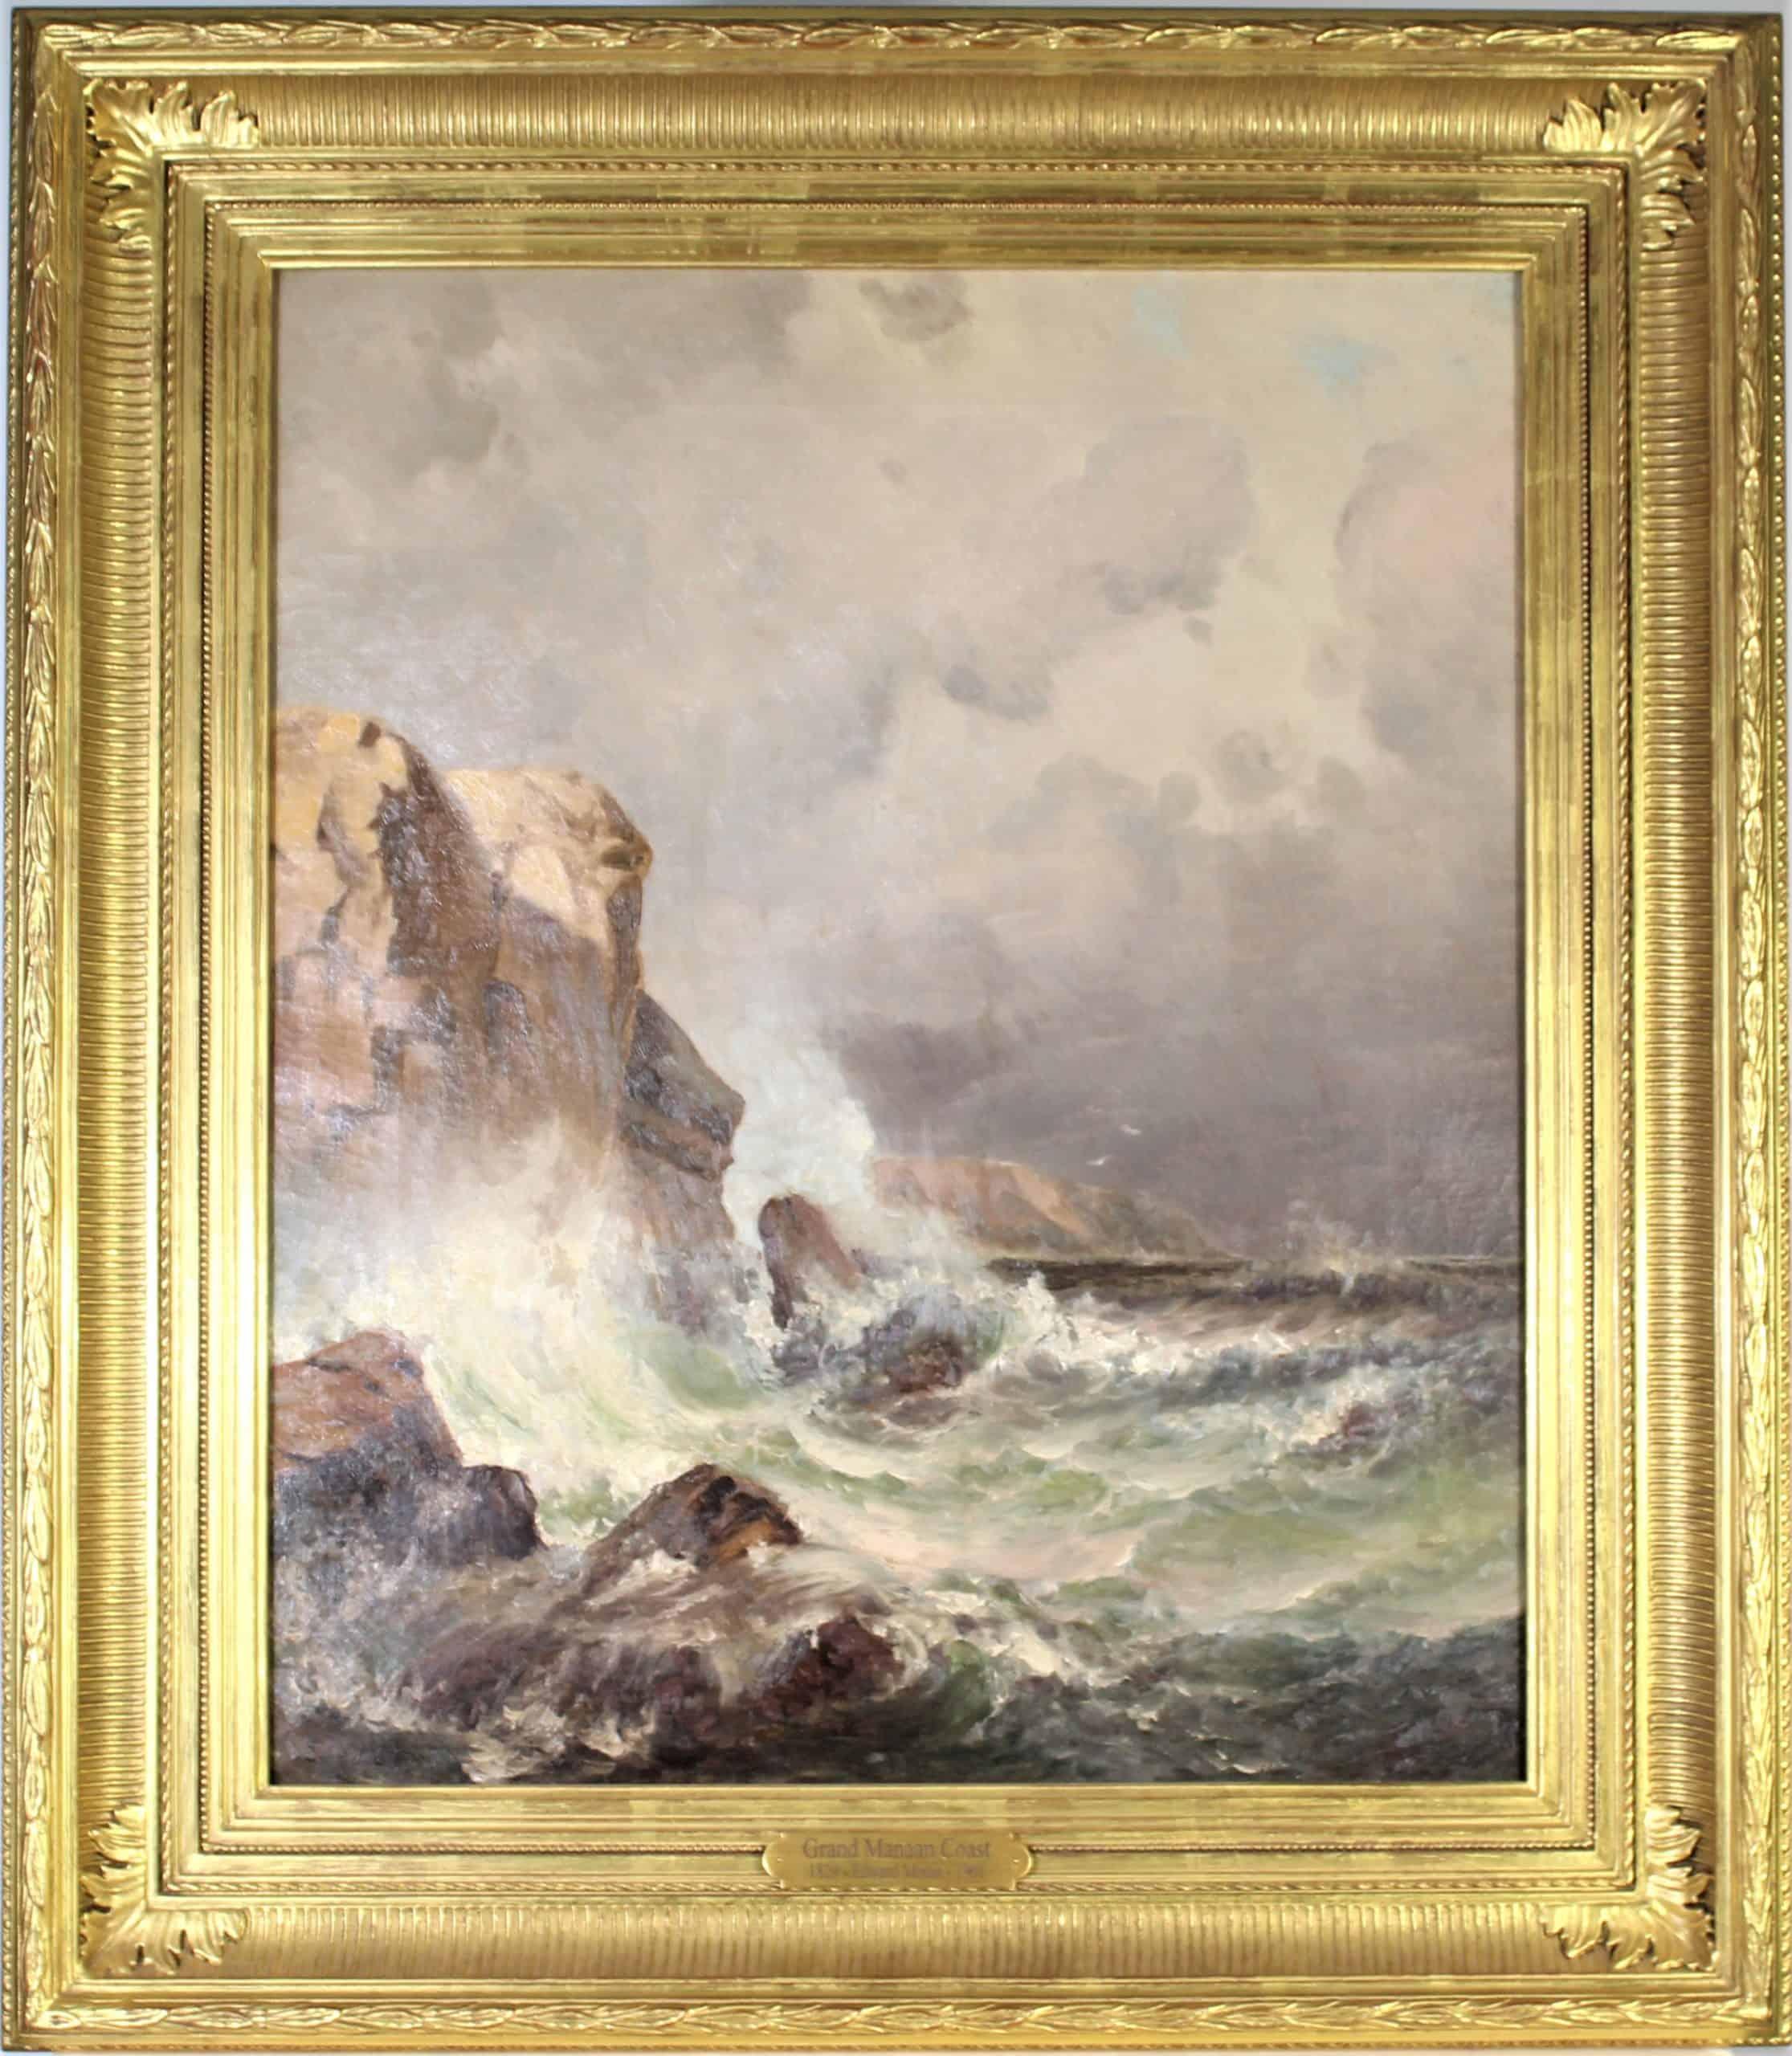 Edward Moran (American 1829-1901) O/C